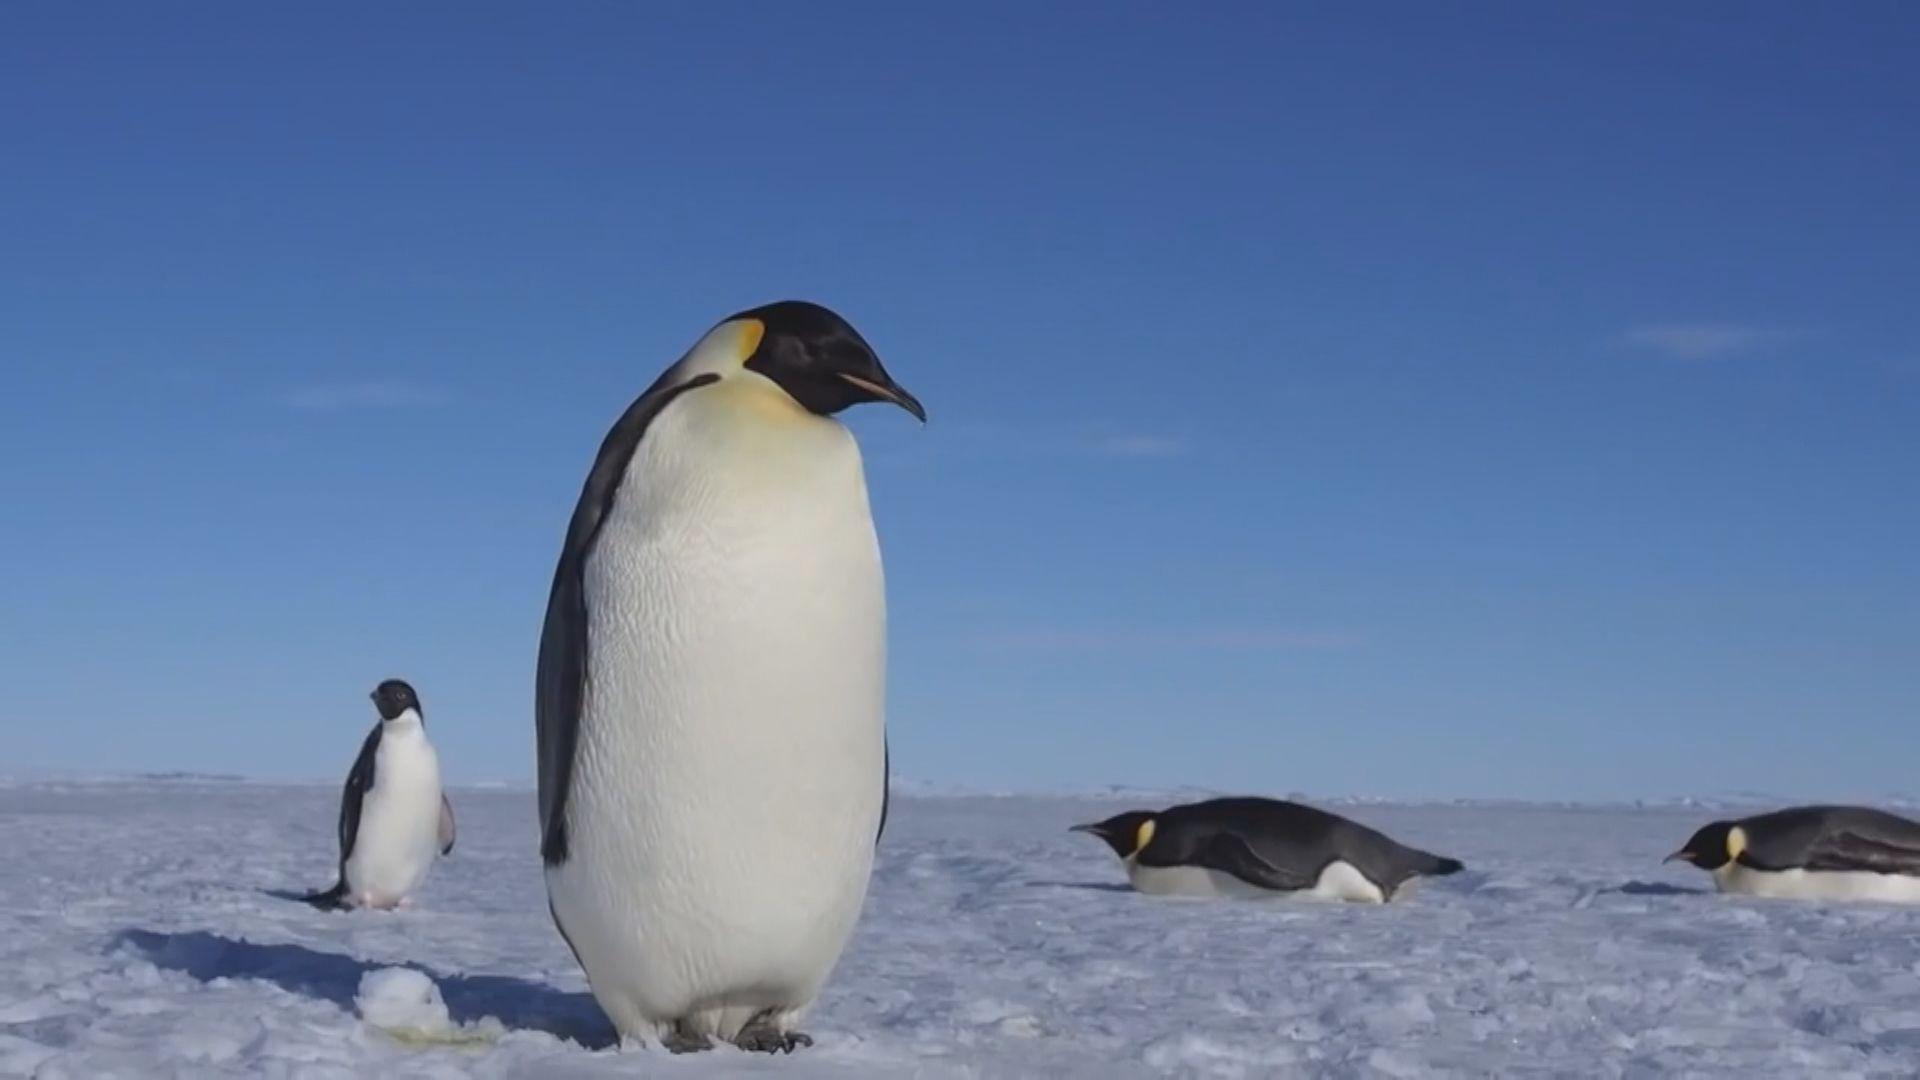 【環球薈報】新西蘭南島發現巨型古企鵝骸骨化石